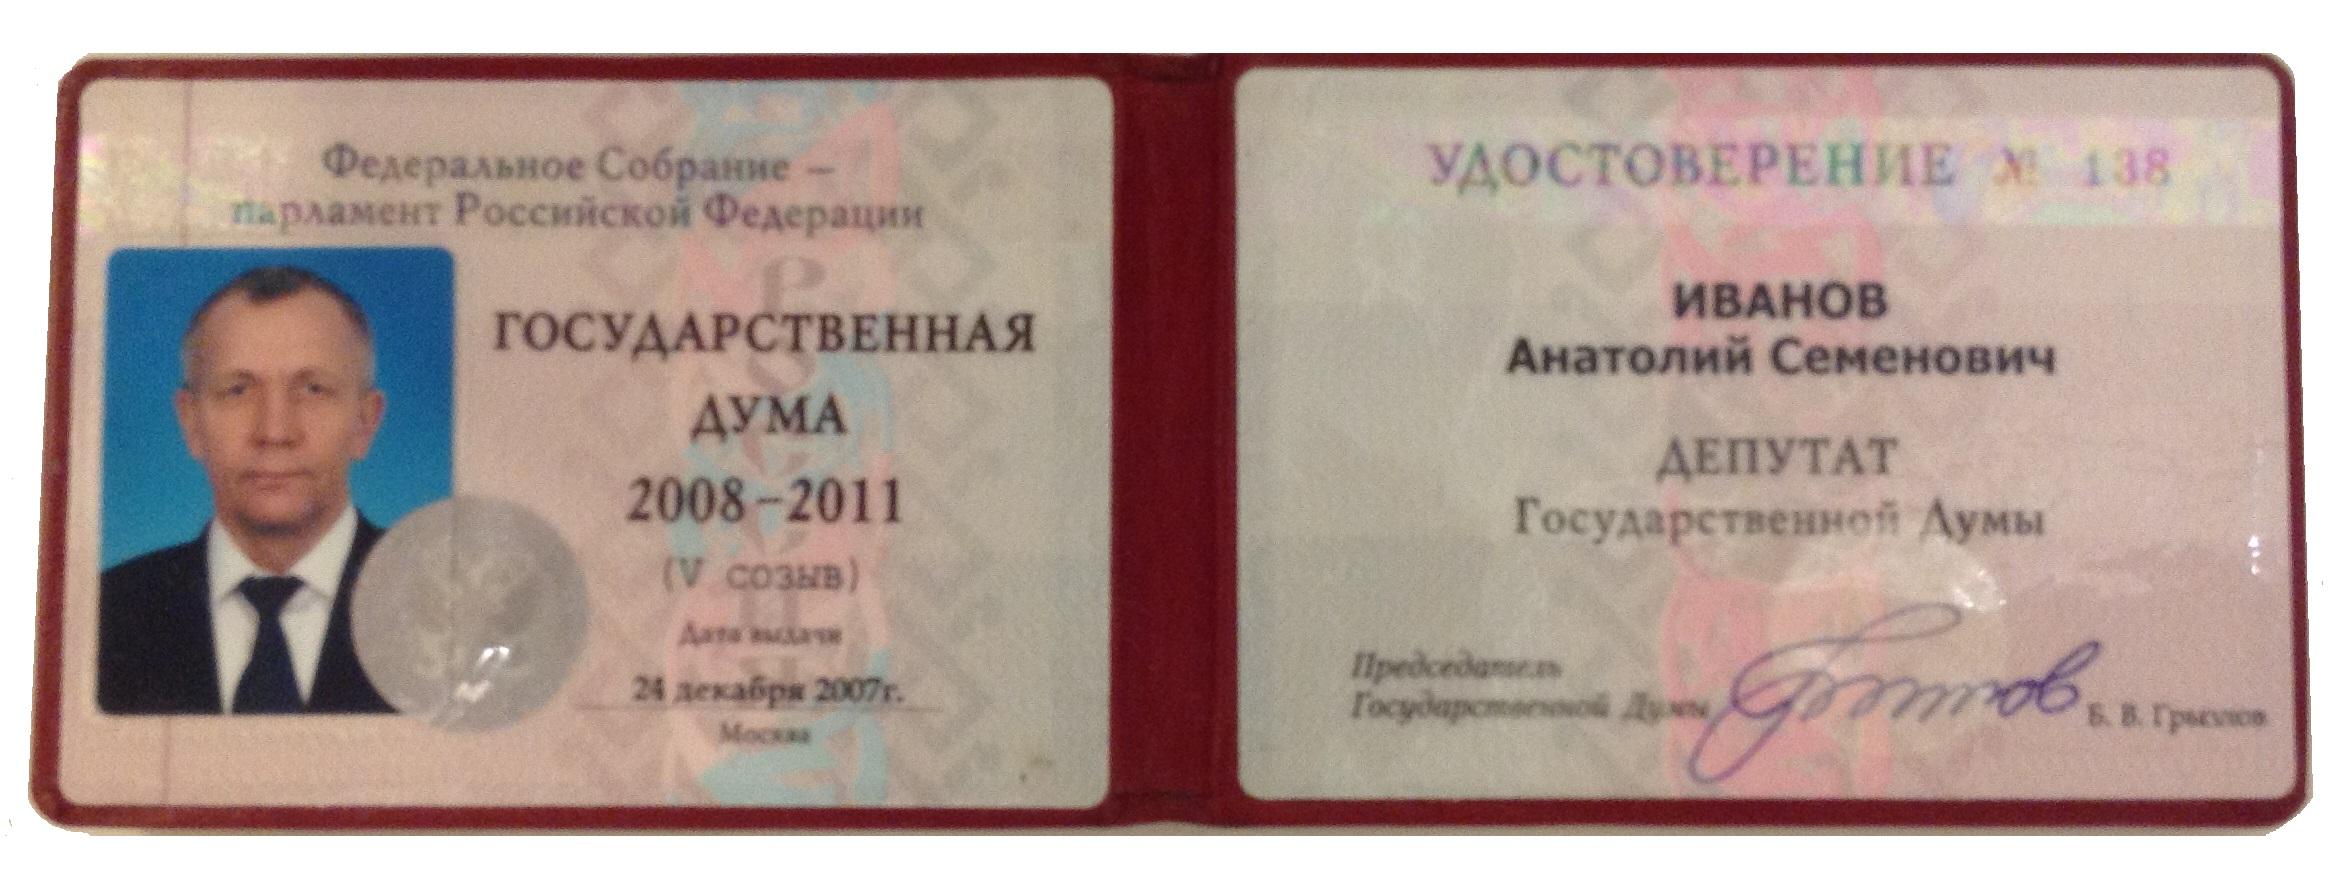 Удостоверение депутата госдумы с фото